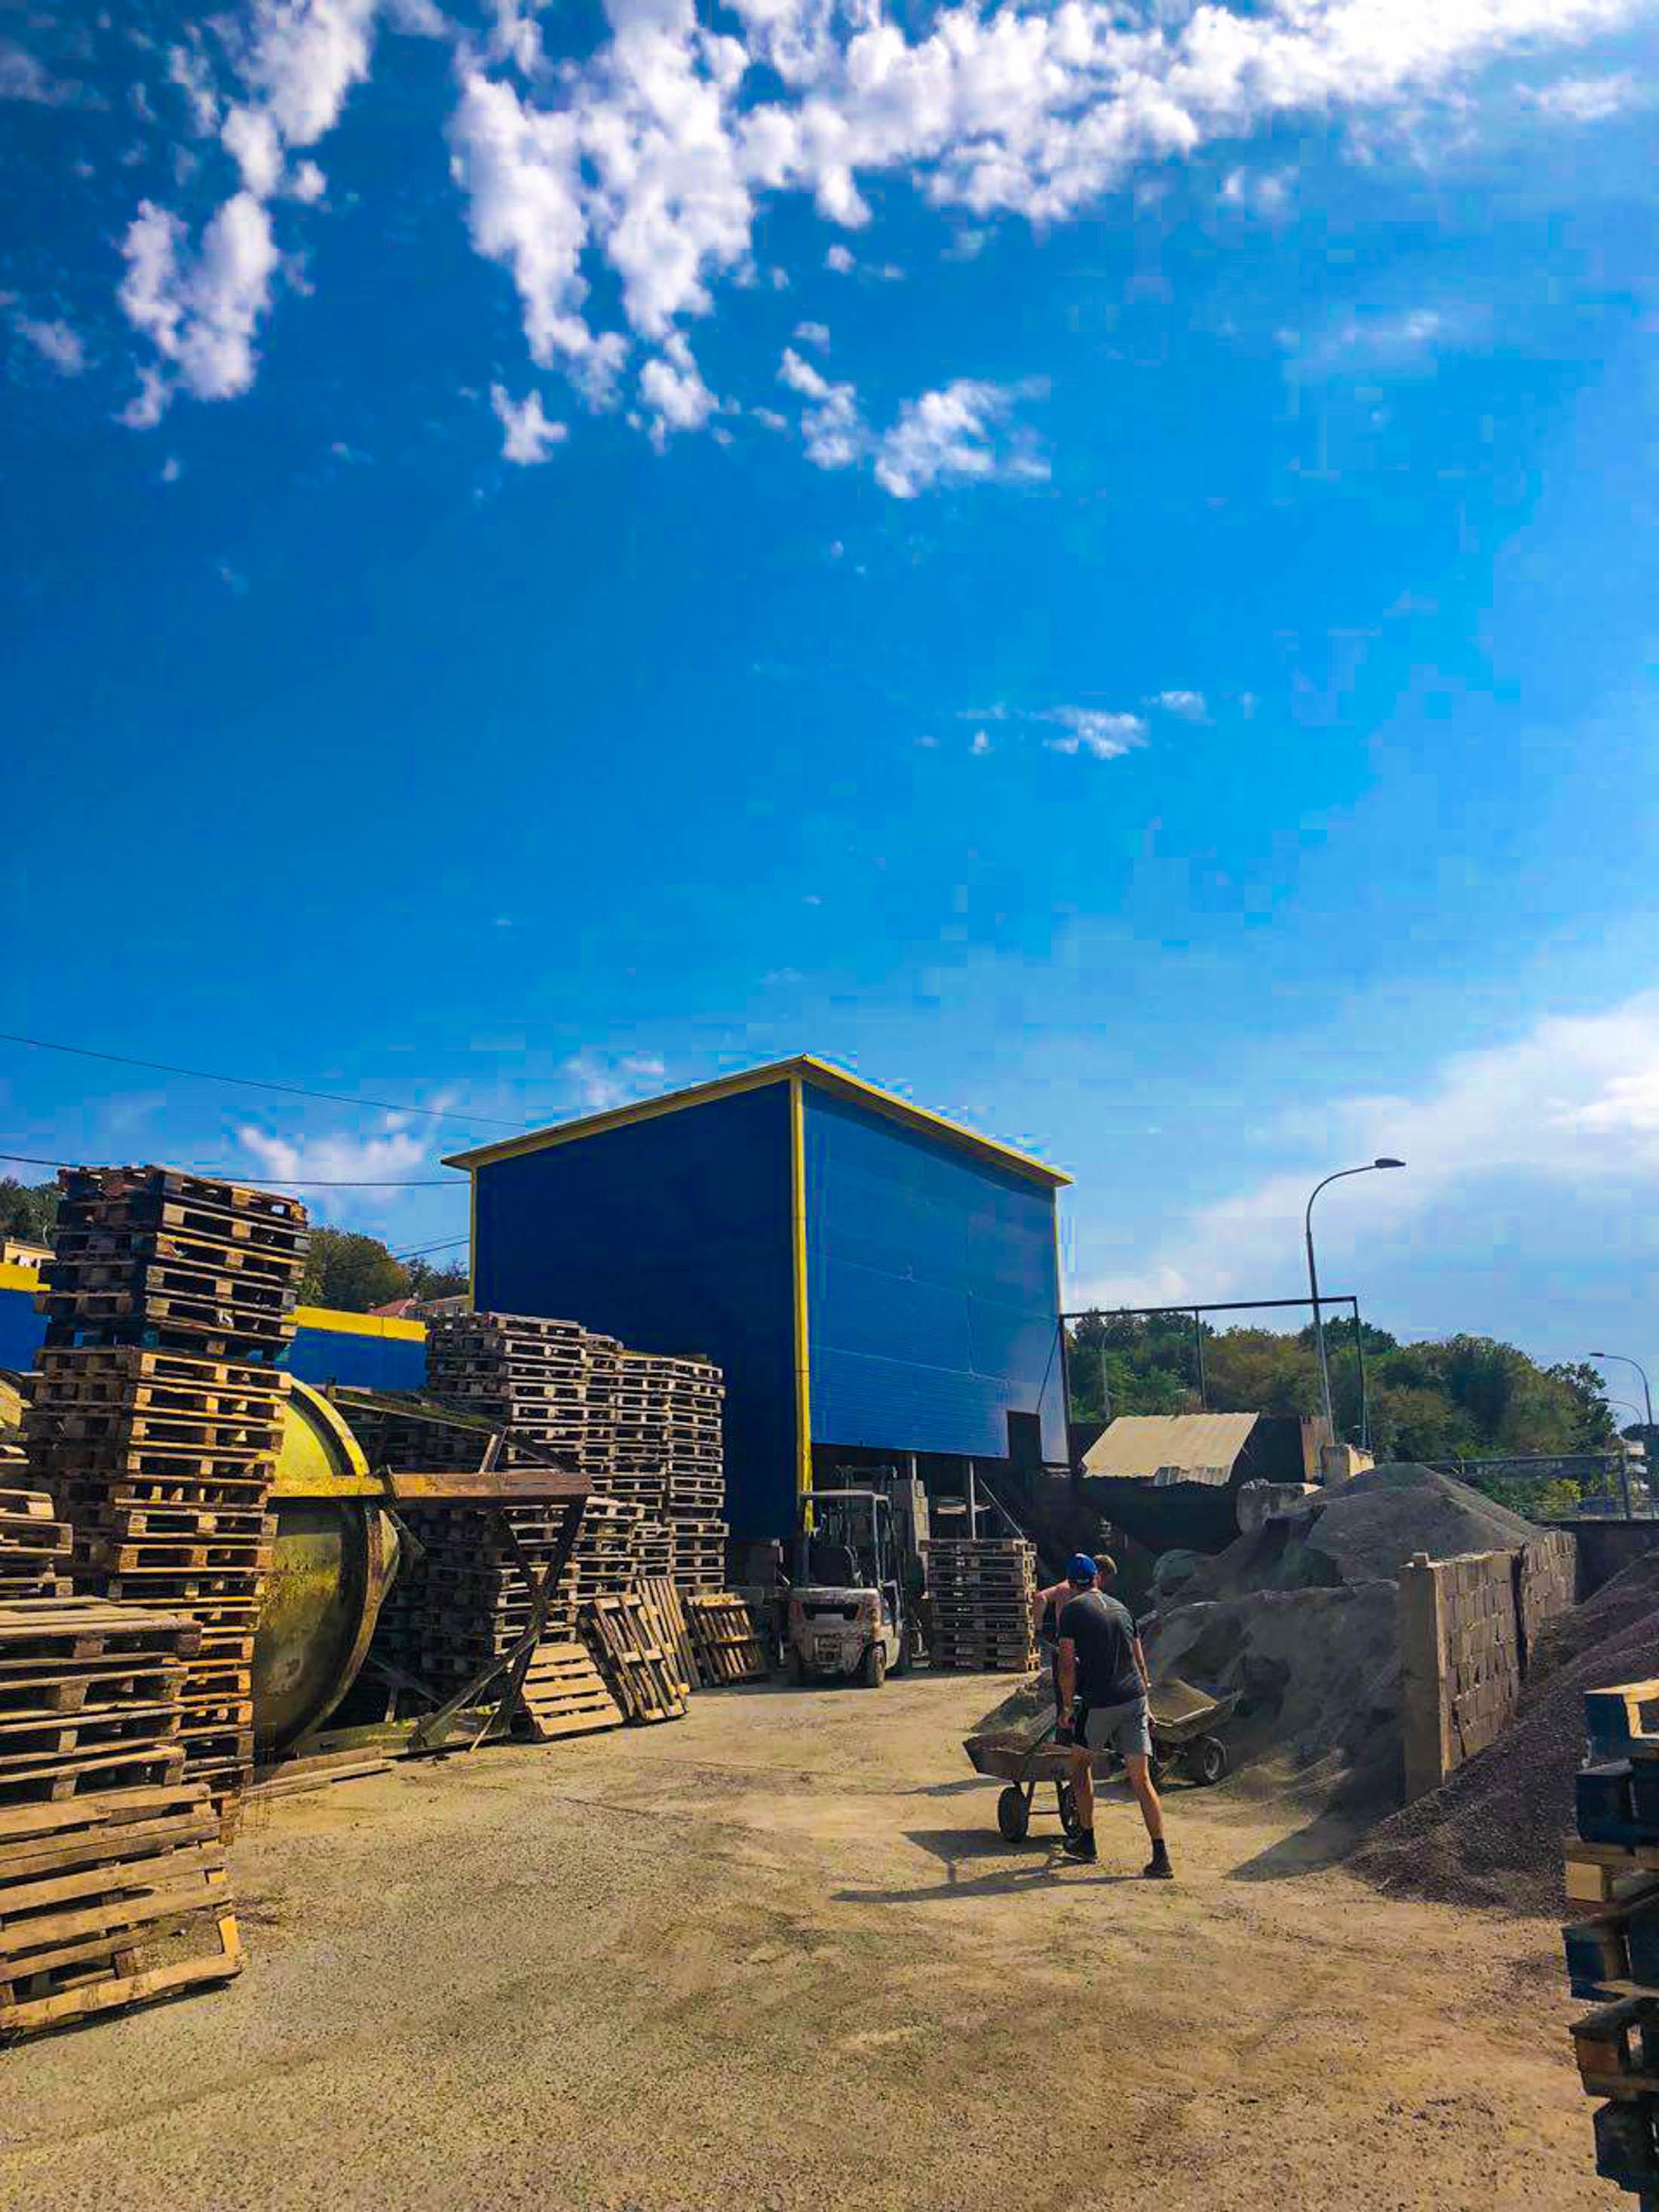 Действующее производство блоков, бордюров, тротуарной плитки - image park-9 on https://bizneskvartal.ru